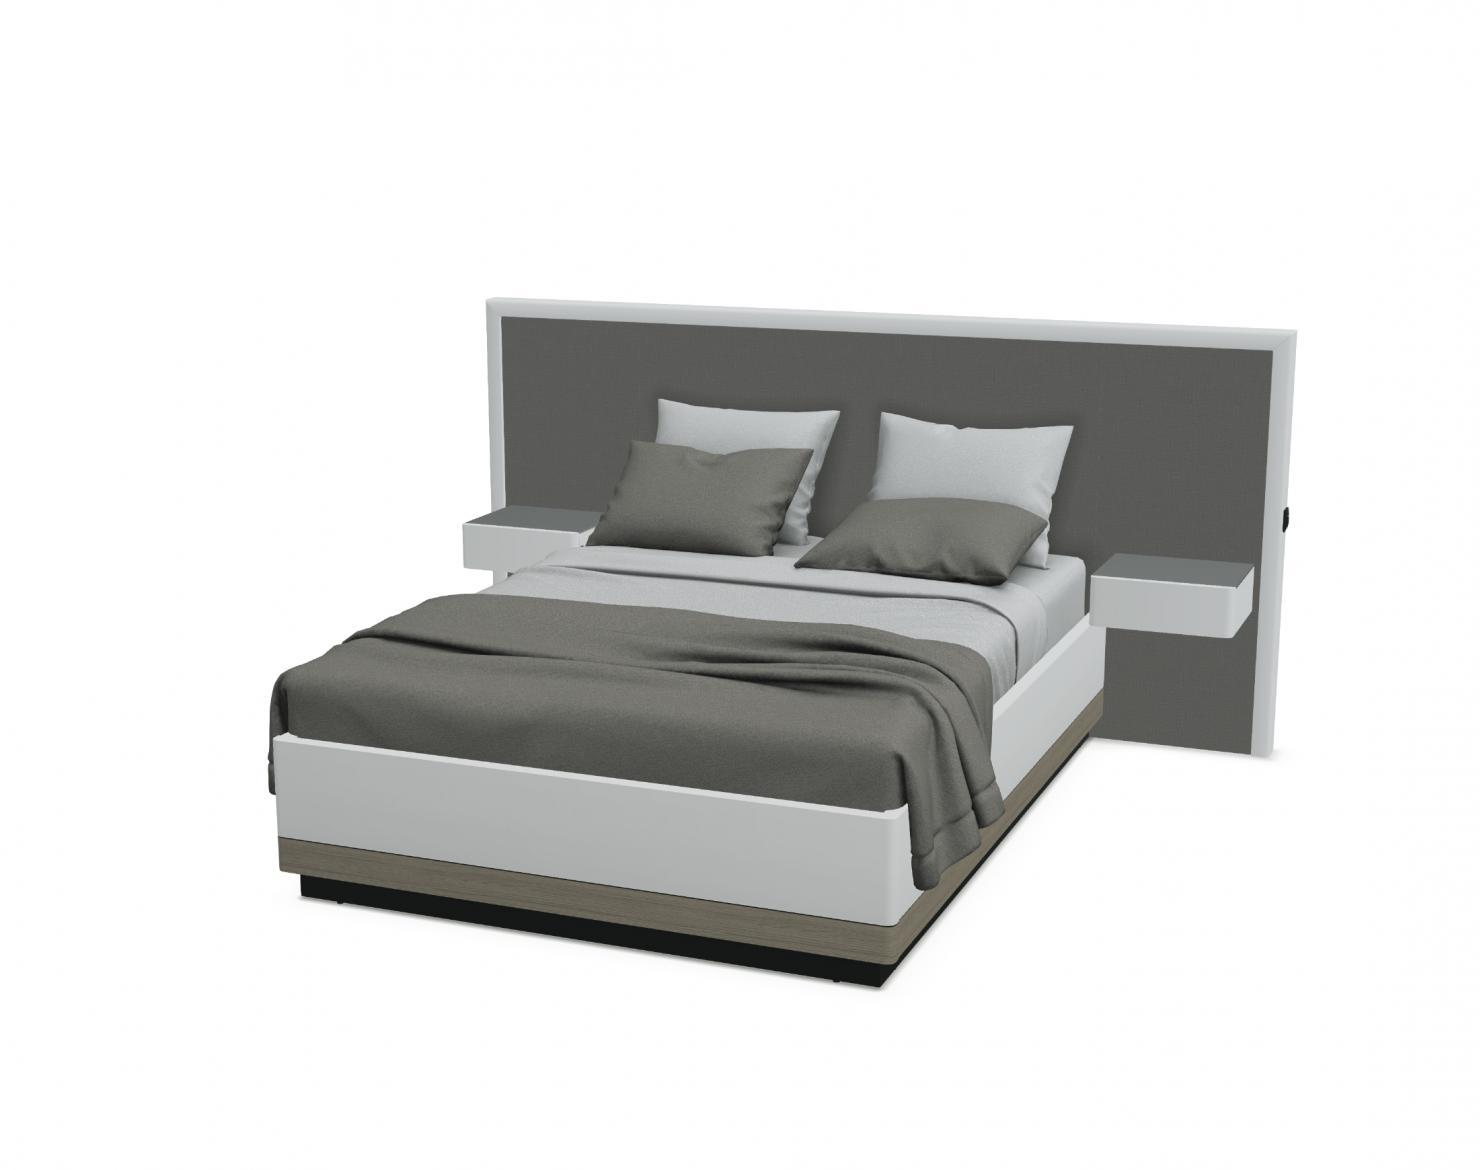 lit avec tete large bois chevets attenants et cadre sur socle